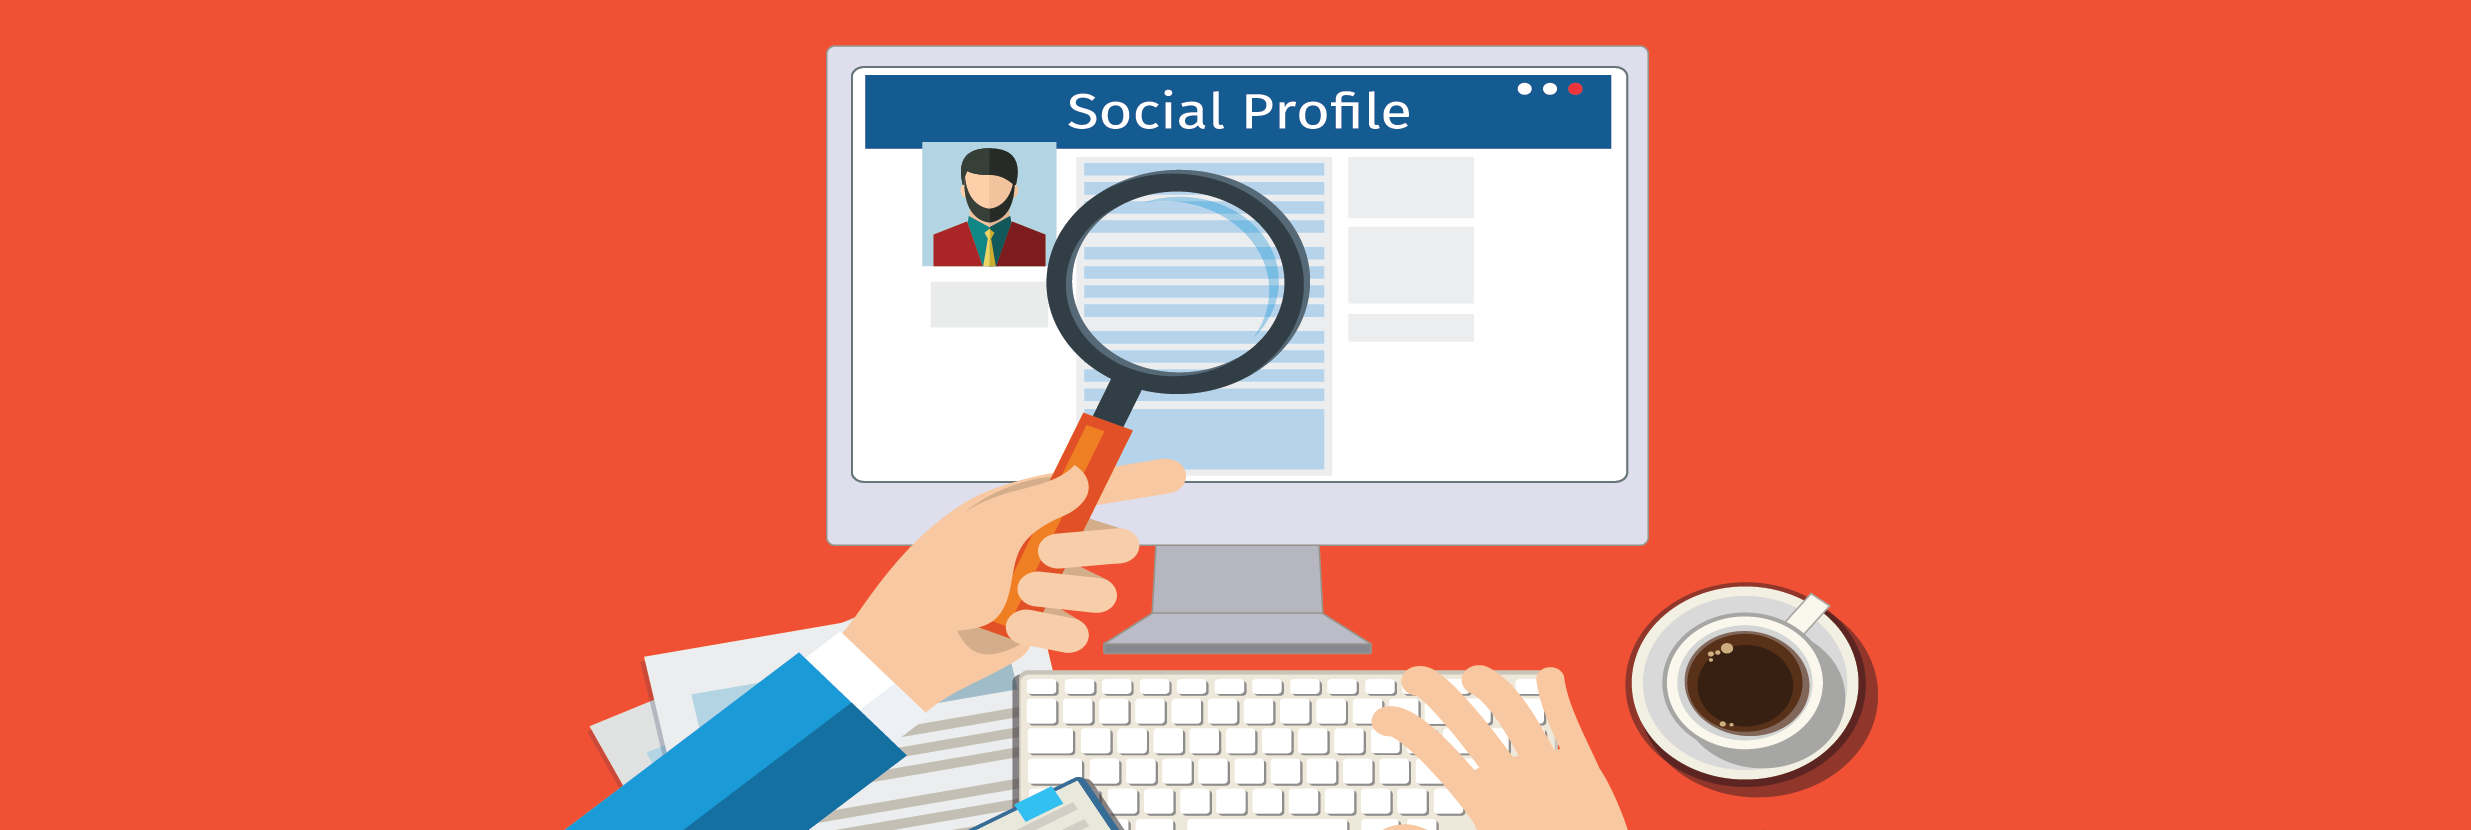 Social media profile clipart jpg stock Social Media Archives - Burnetts Staffing jpg stock